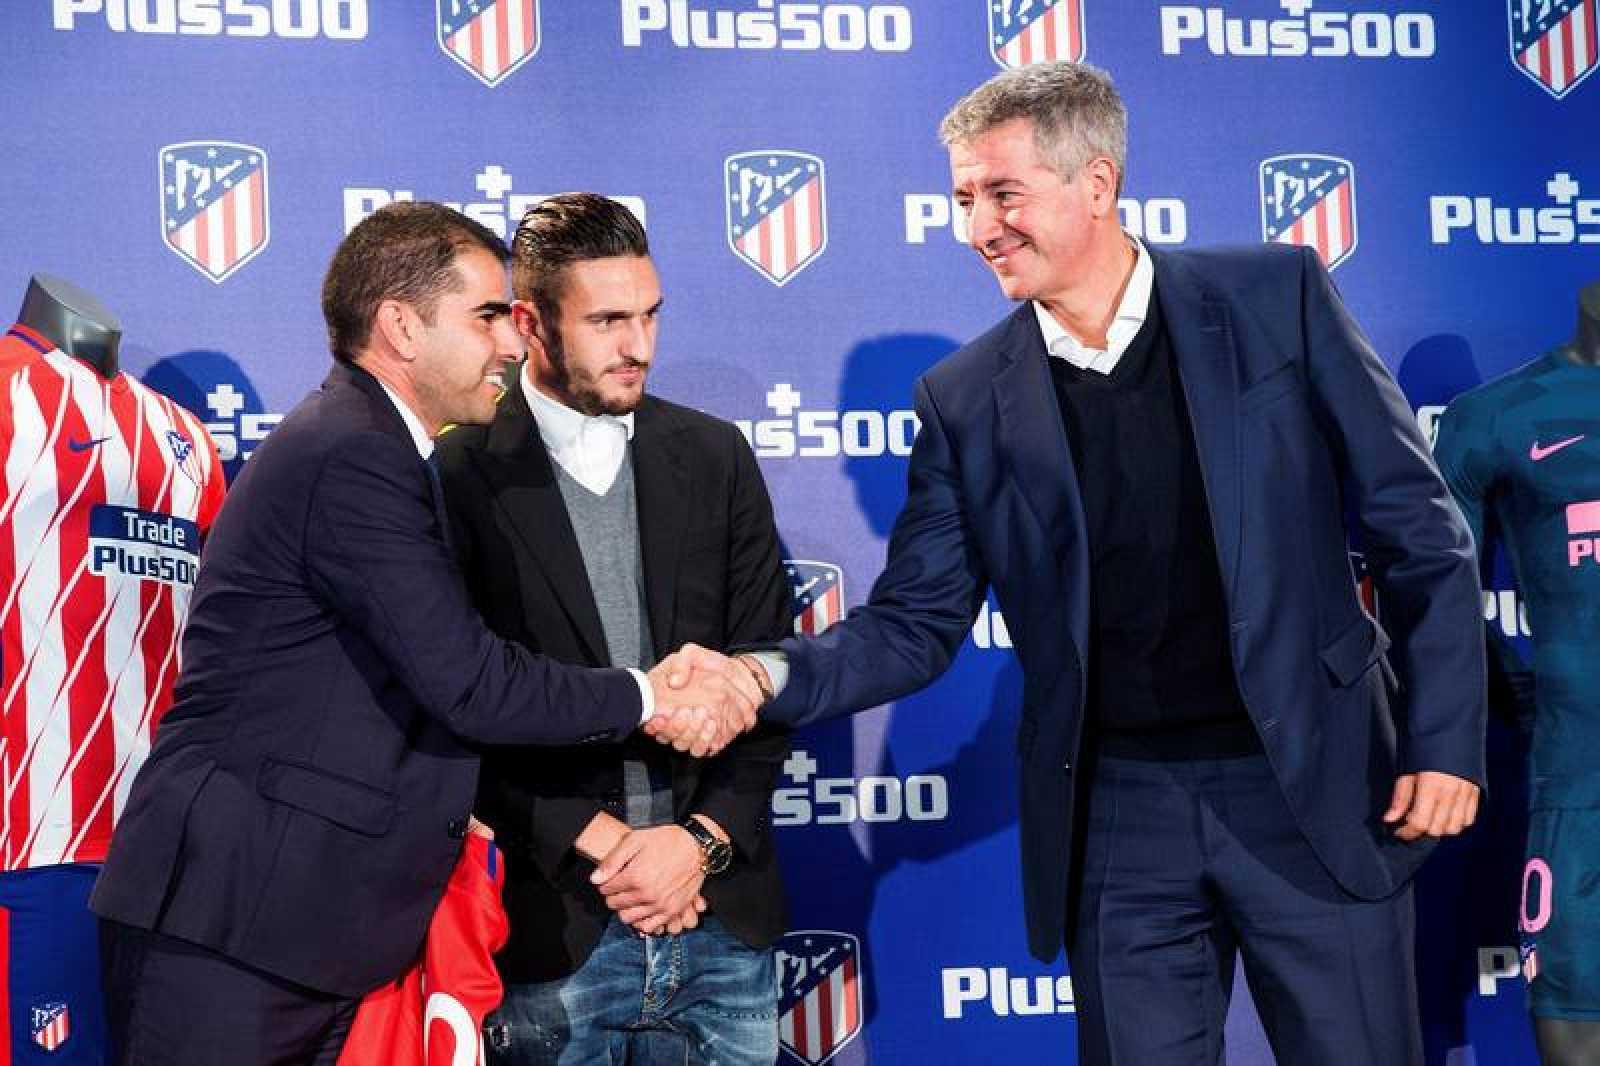 El CEO de Plus500, Asaf Elimelech, y el consejero delegado del Atlético de Madrid, Miguel Ángel Gil, en un apretón de manos durante la firma de ampliación de patrocinio entre el Atlético de Madrid y Plus500.